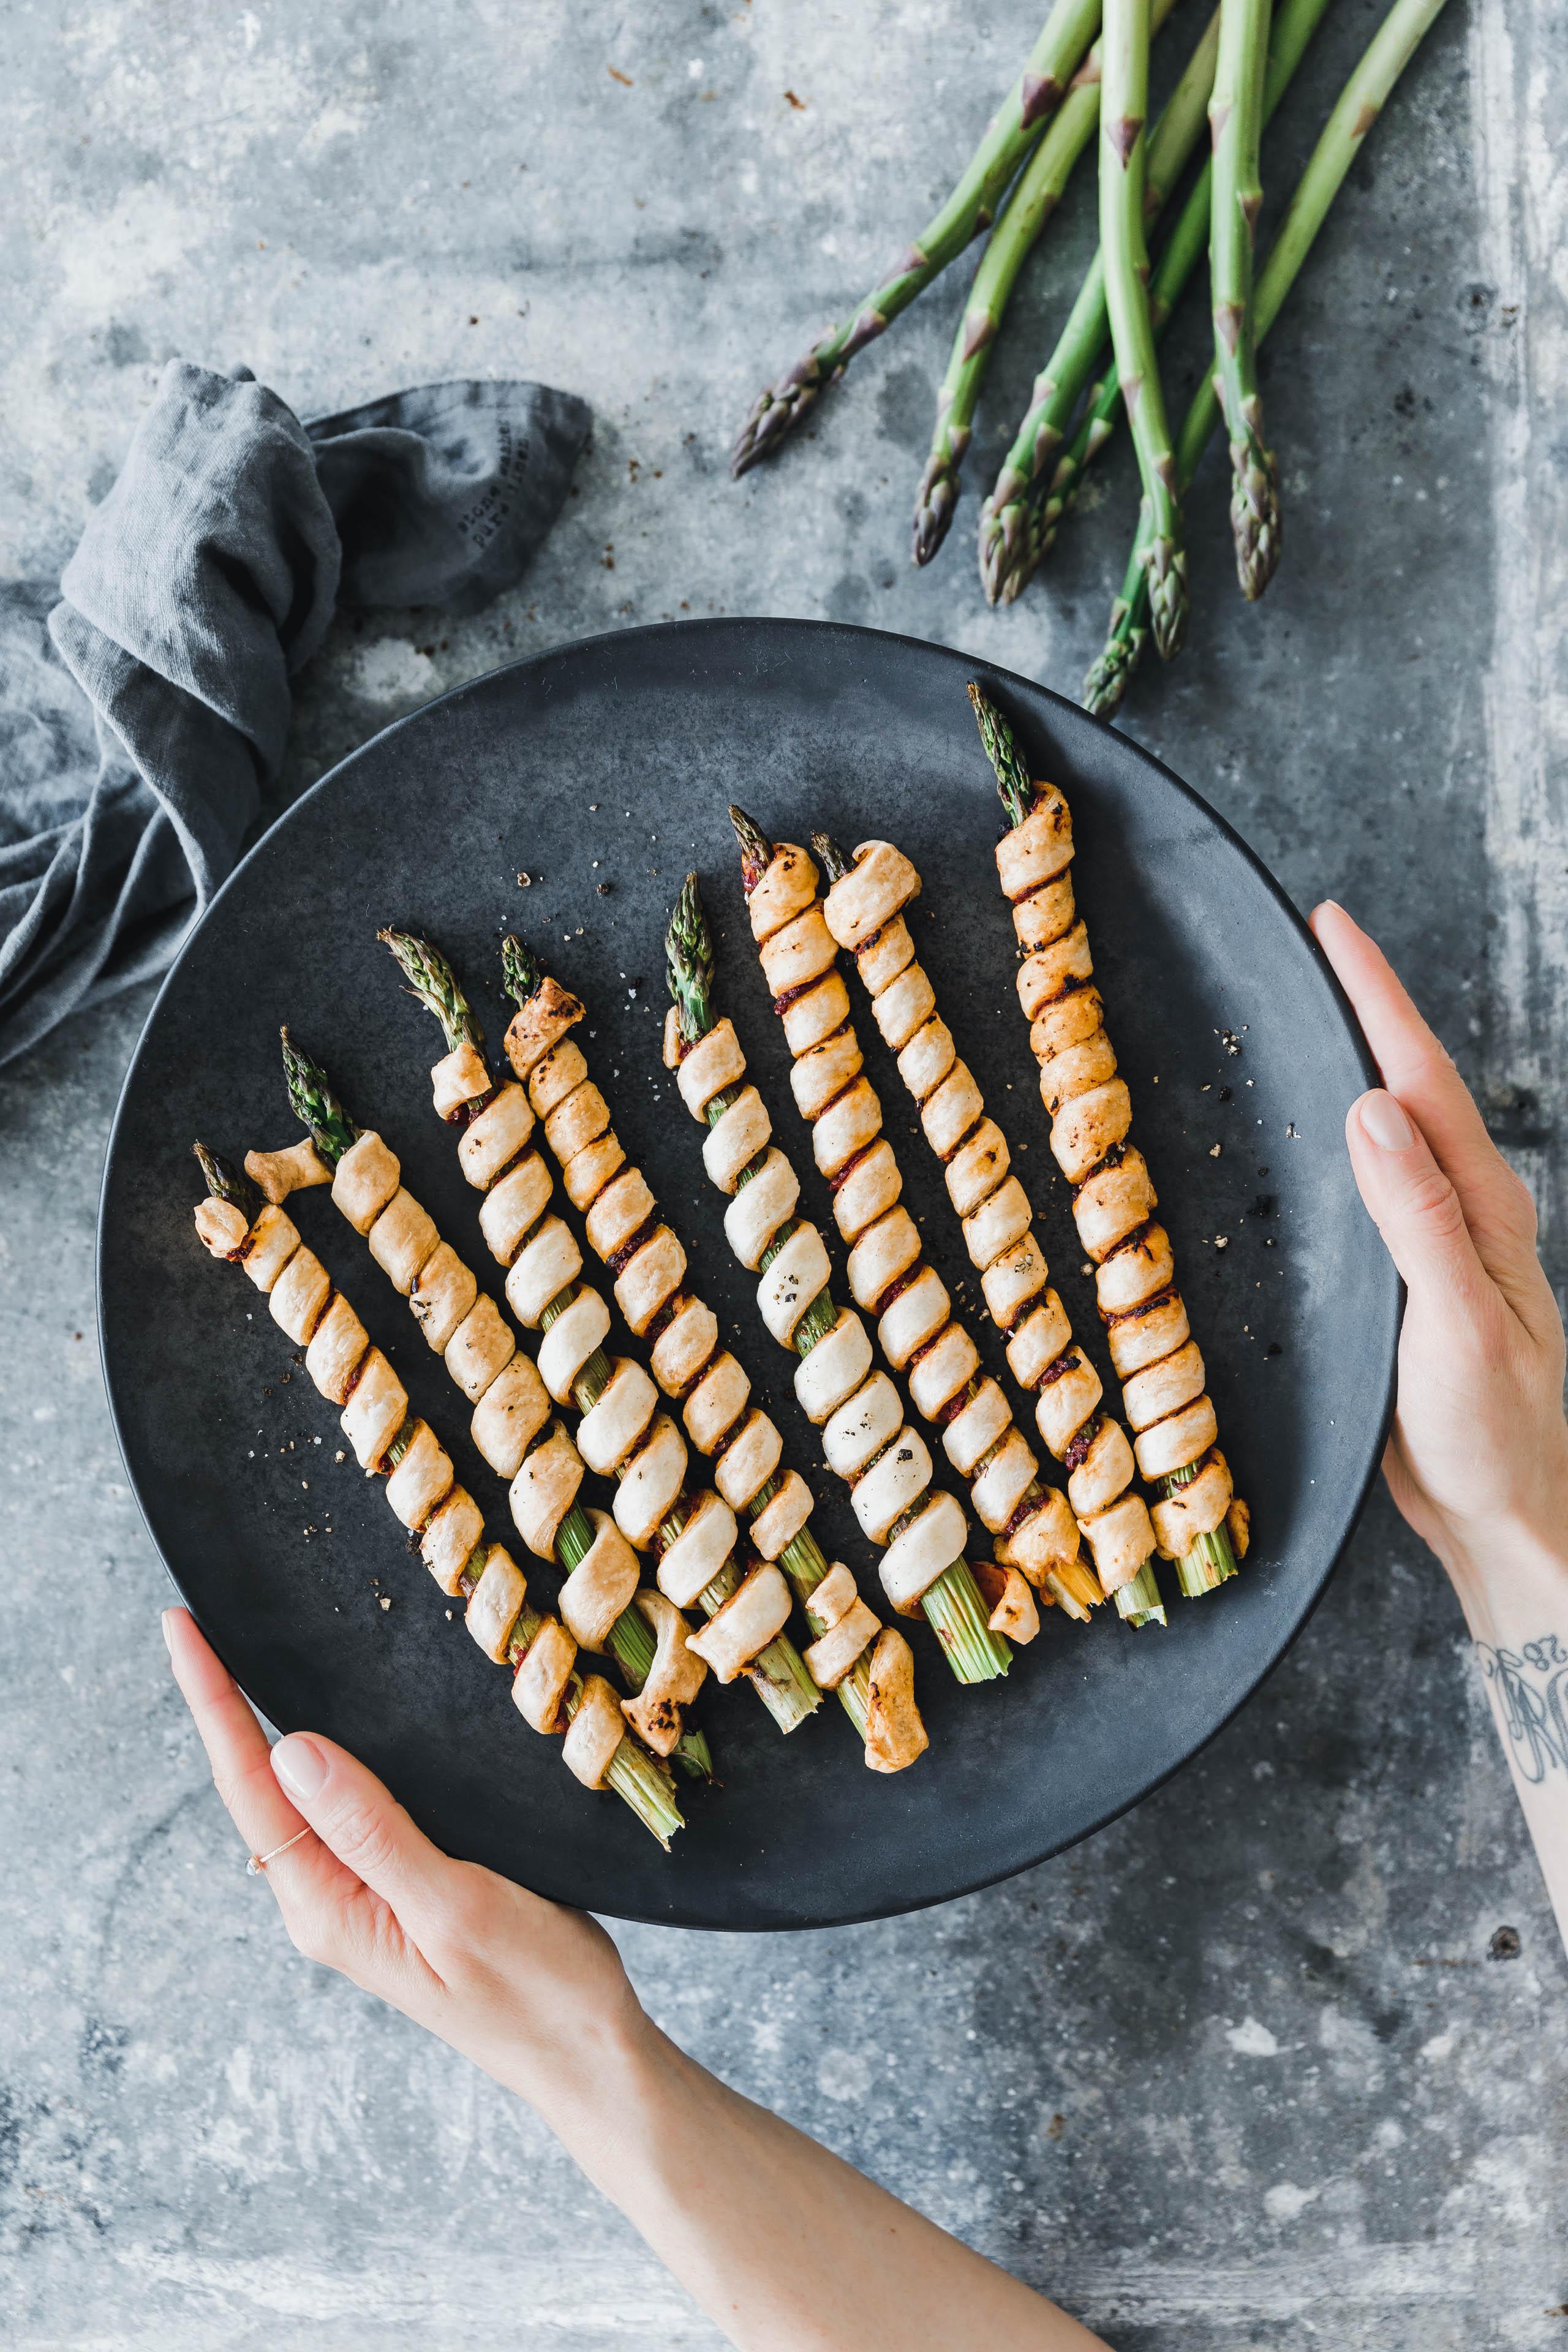 bl tterteig spargelstangen mit rotem pesto eat this foodblog vegane rezepte stories. Black Bedroom Furniture Sets. Home Design Ideas